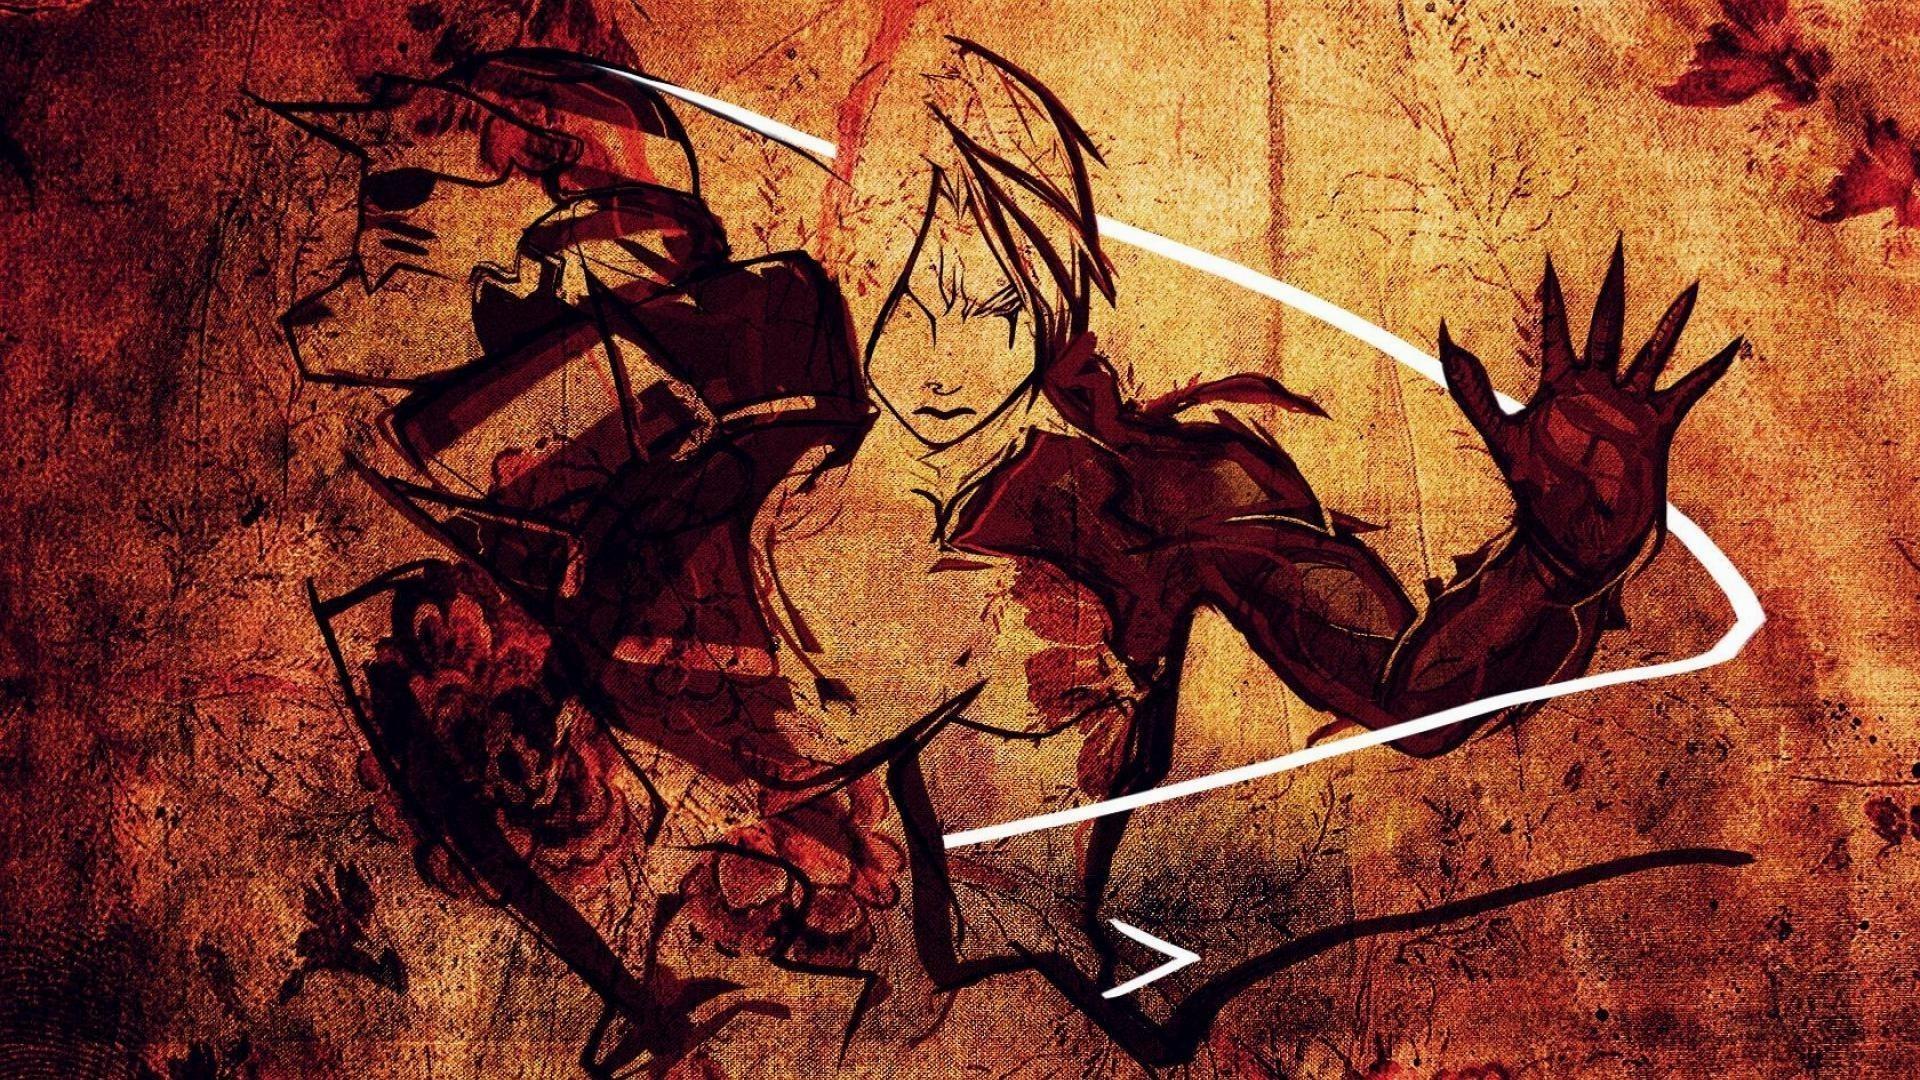 Fullmetal-alchemist-wallpaper-hd-1920×1080